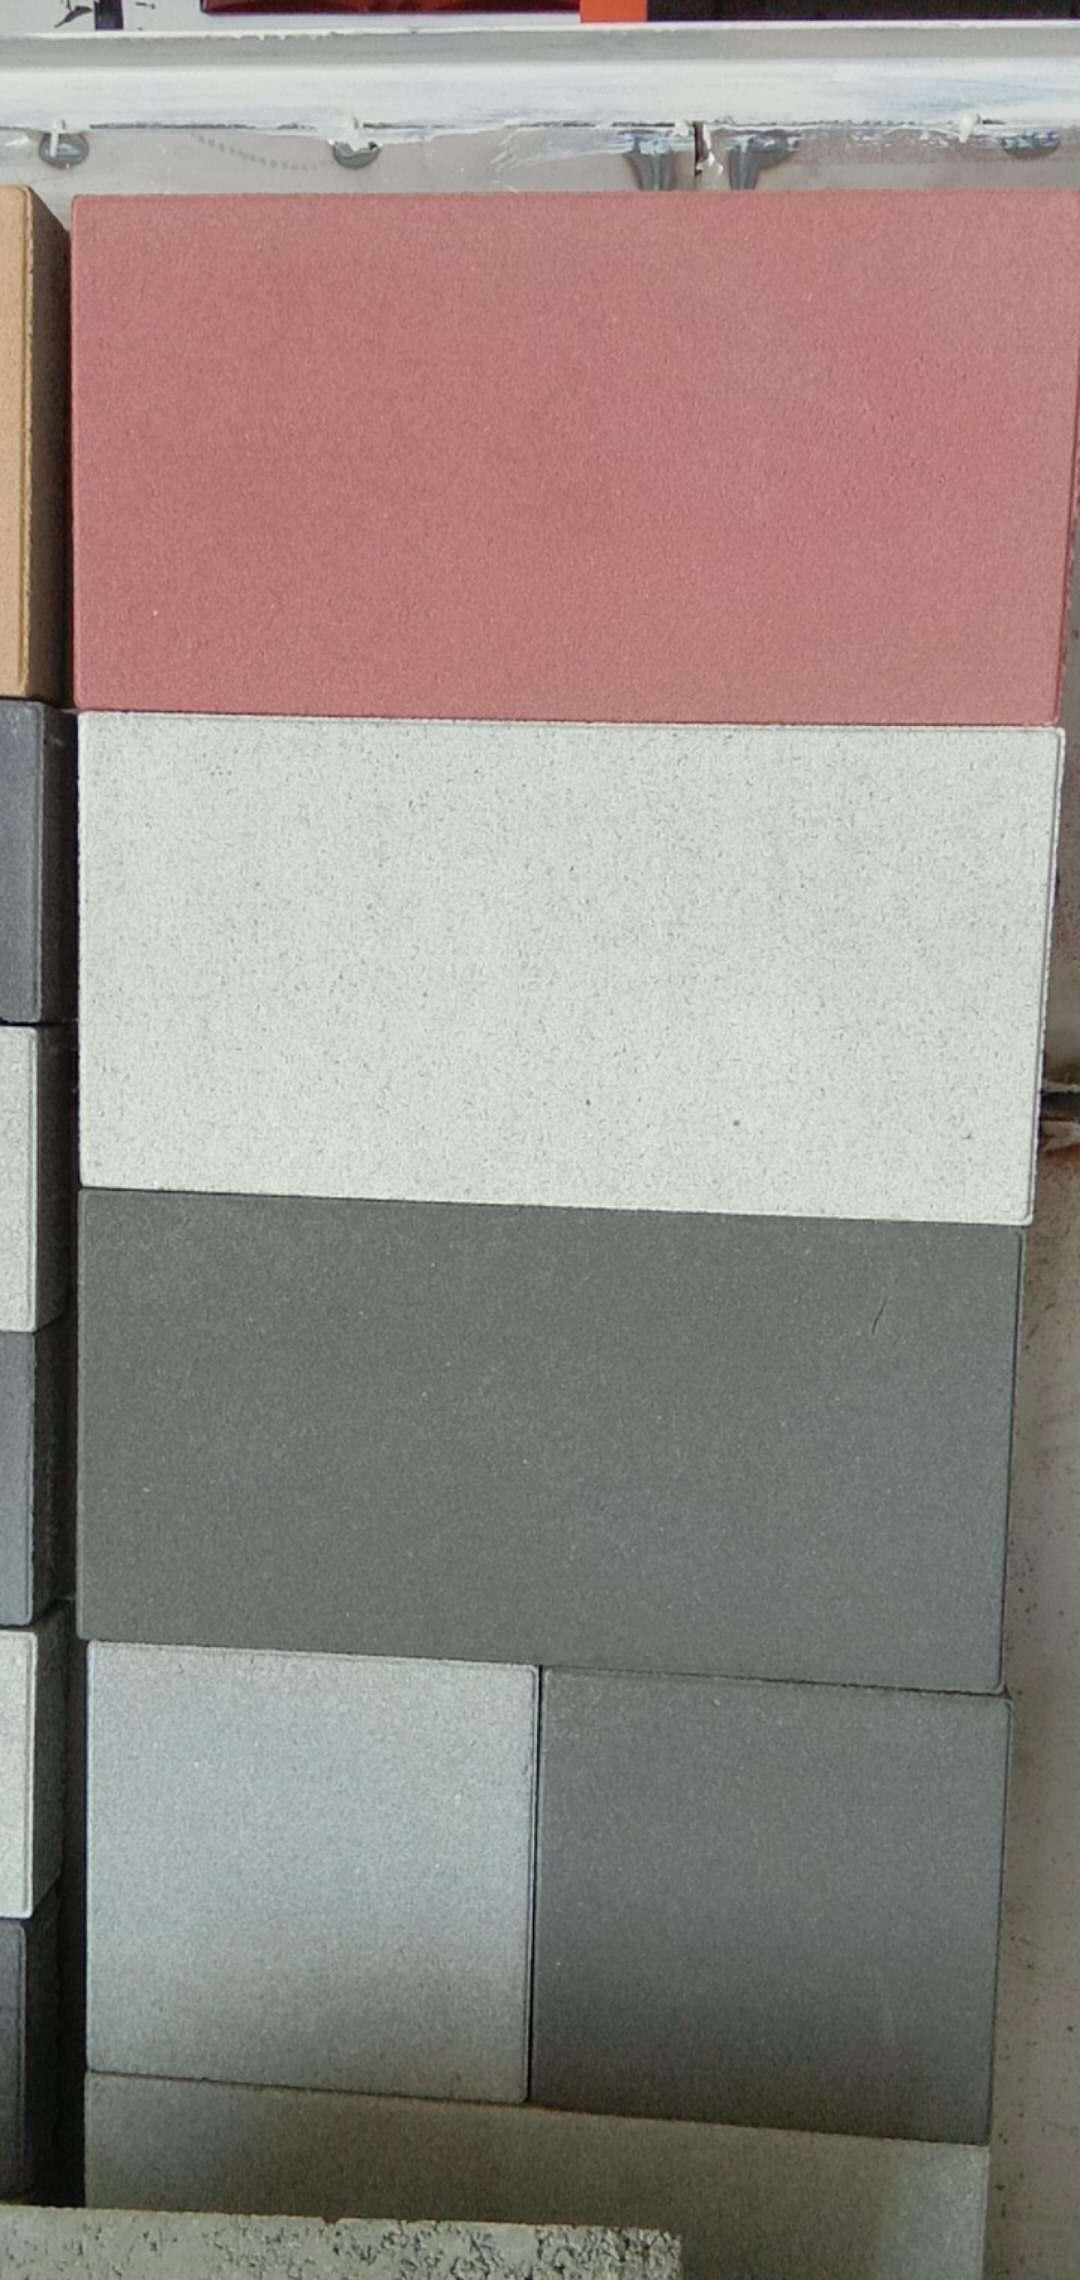 榆林|道牙砖工字砖面包砖护坡砖路缘石透水砖仿石砖等